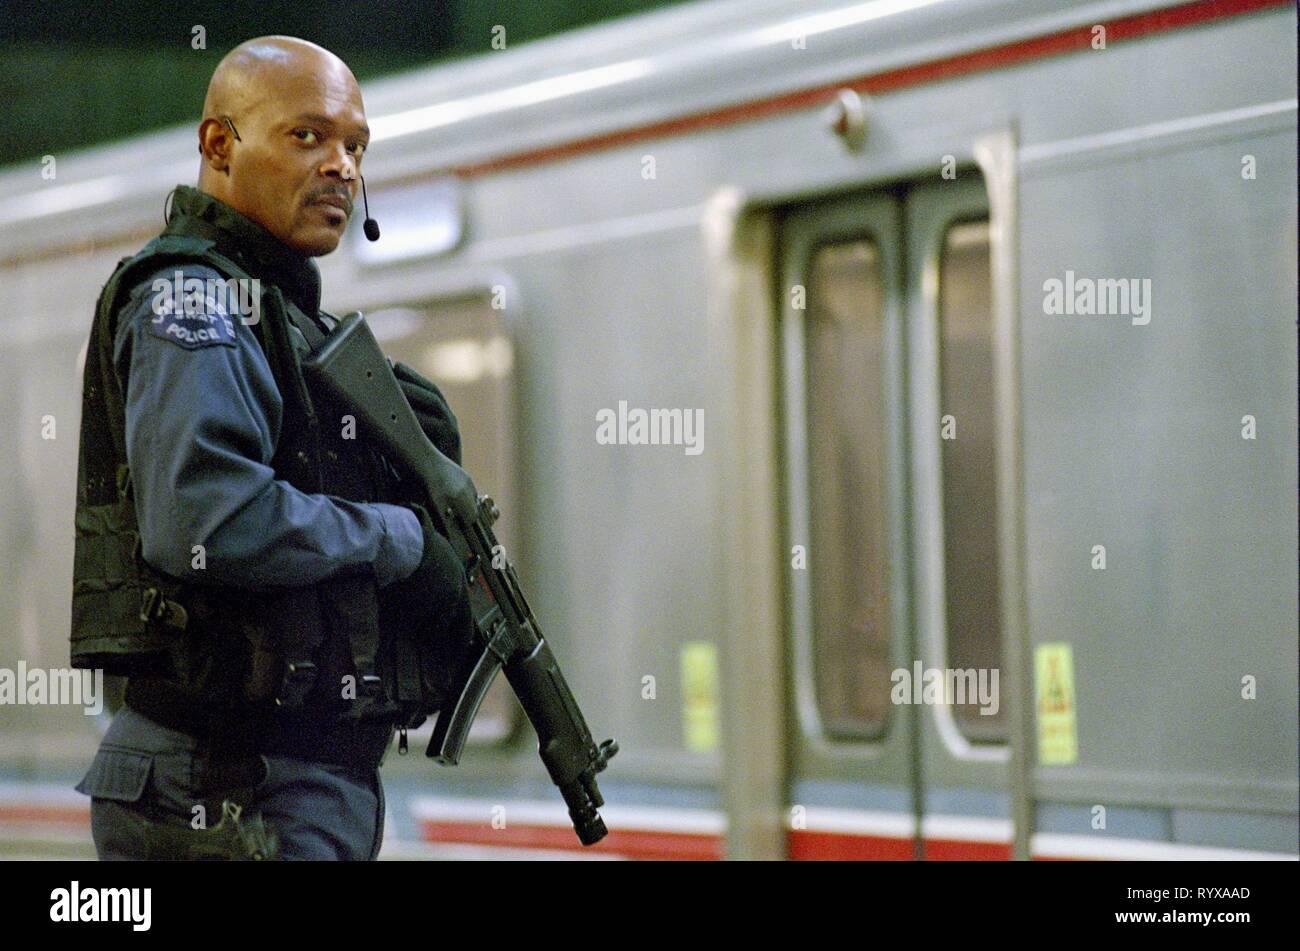 SAMUEL L. JACKSON, S.W.A.T., 2003 - Stock Image